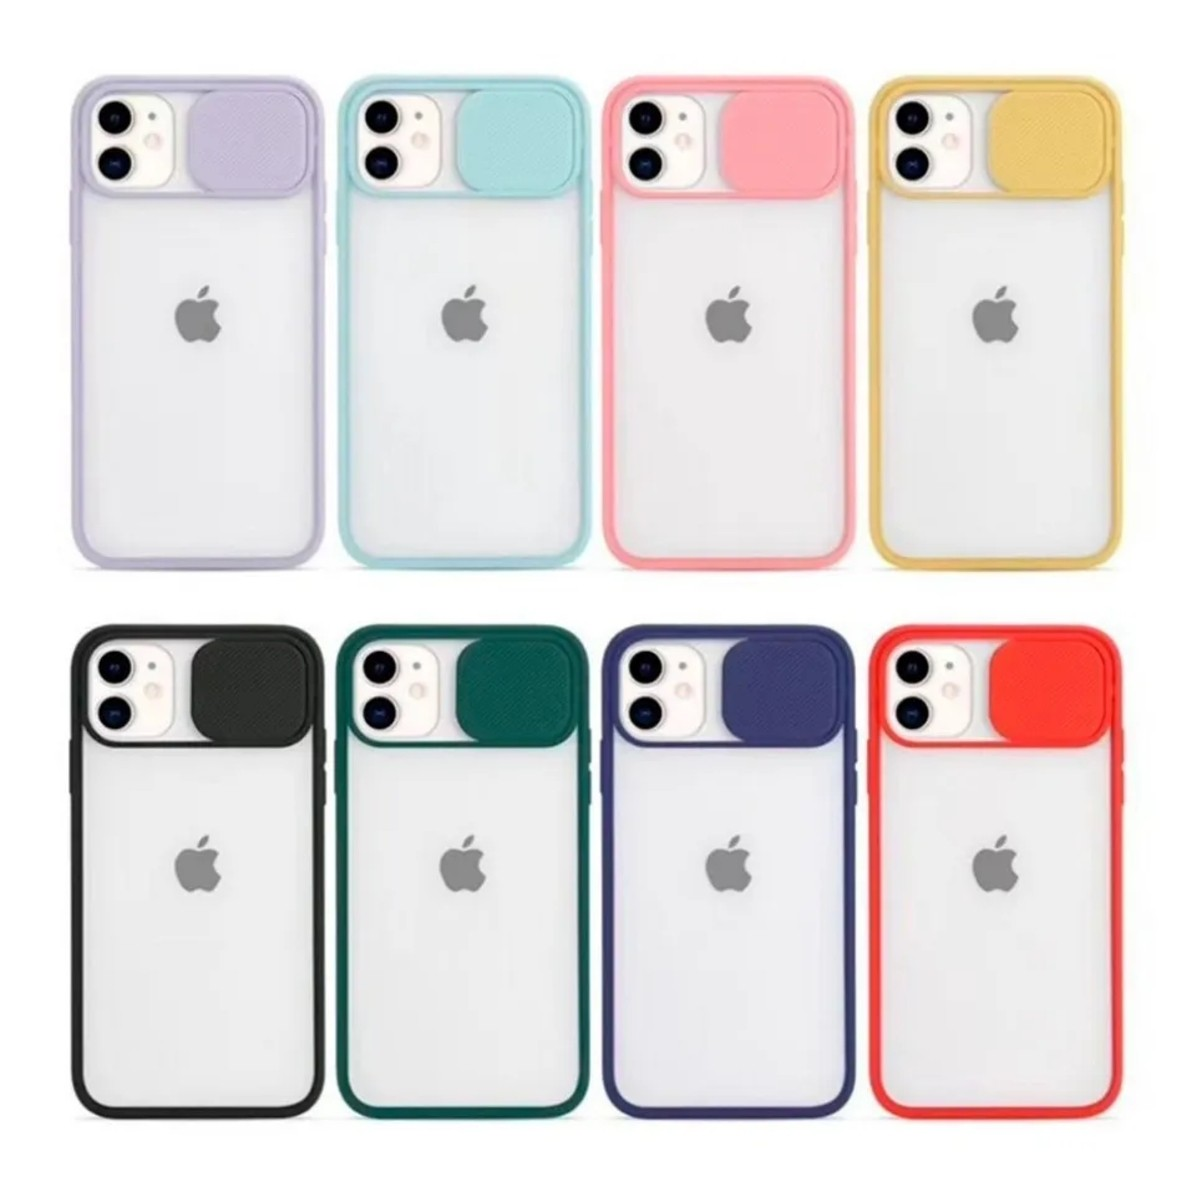 Capa Capinha Slide Proteção Câmera Iphone 12 12 mini 12 Pro Max